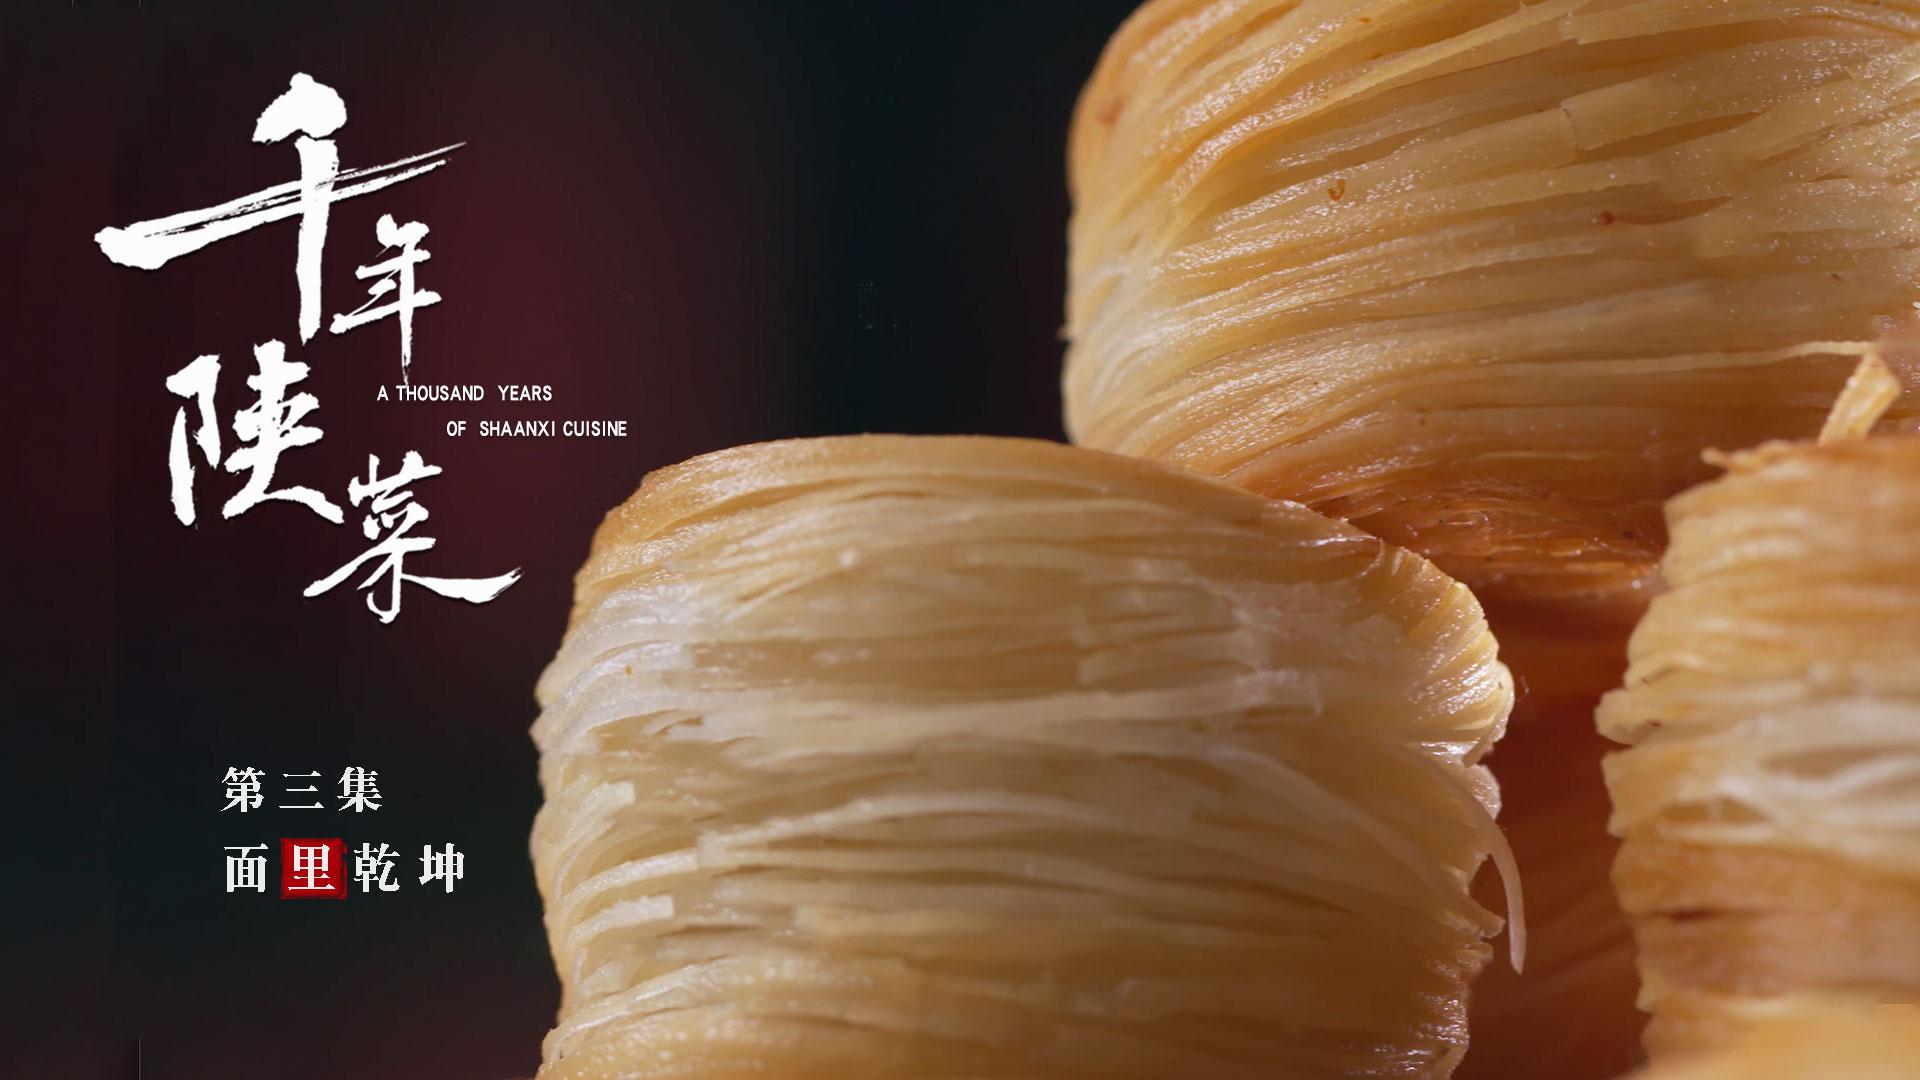 《千年陕菜》第三集:面里乾坤